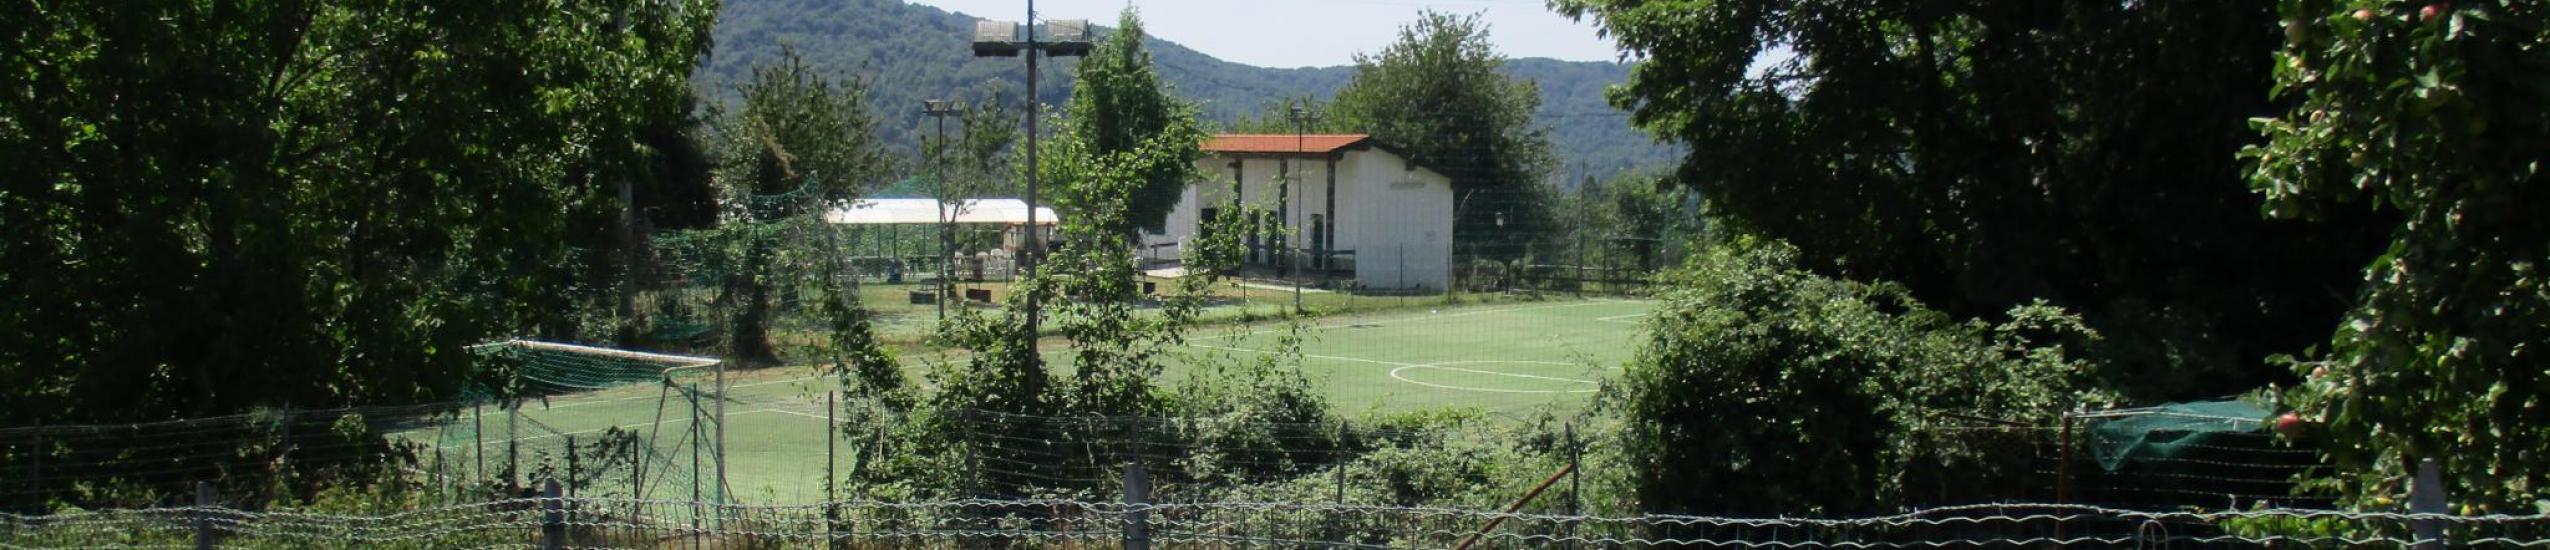 Campo sportivo Marzano (0)